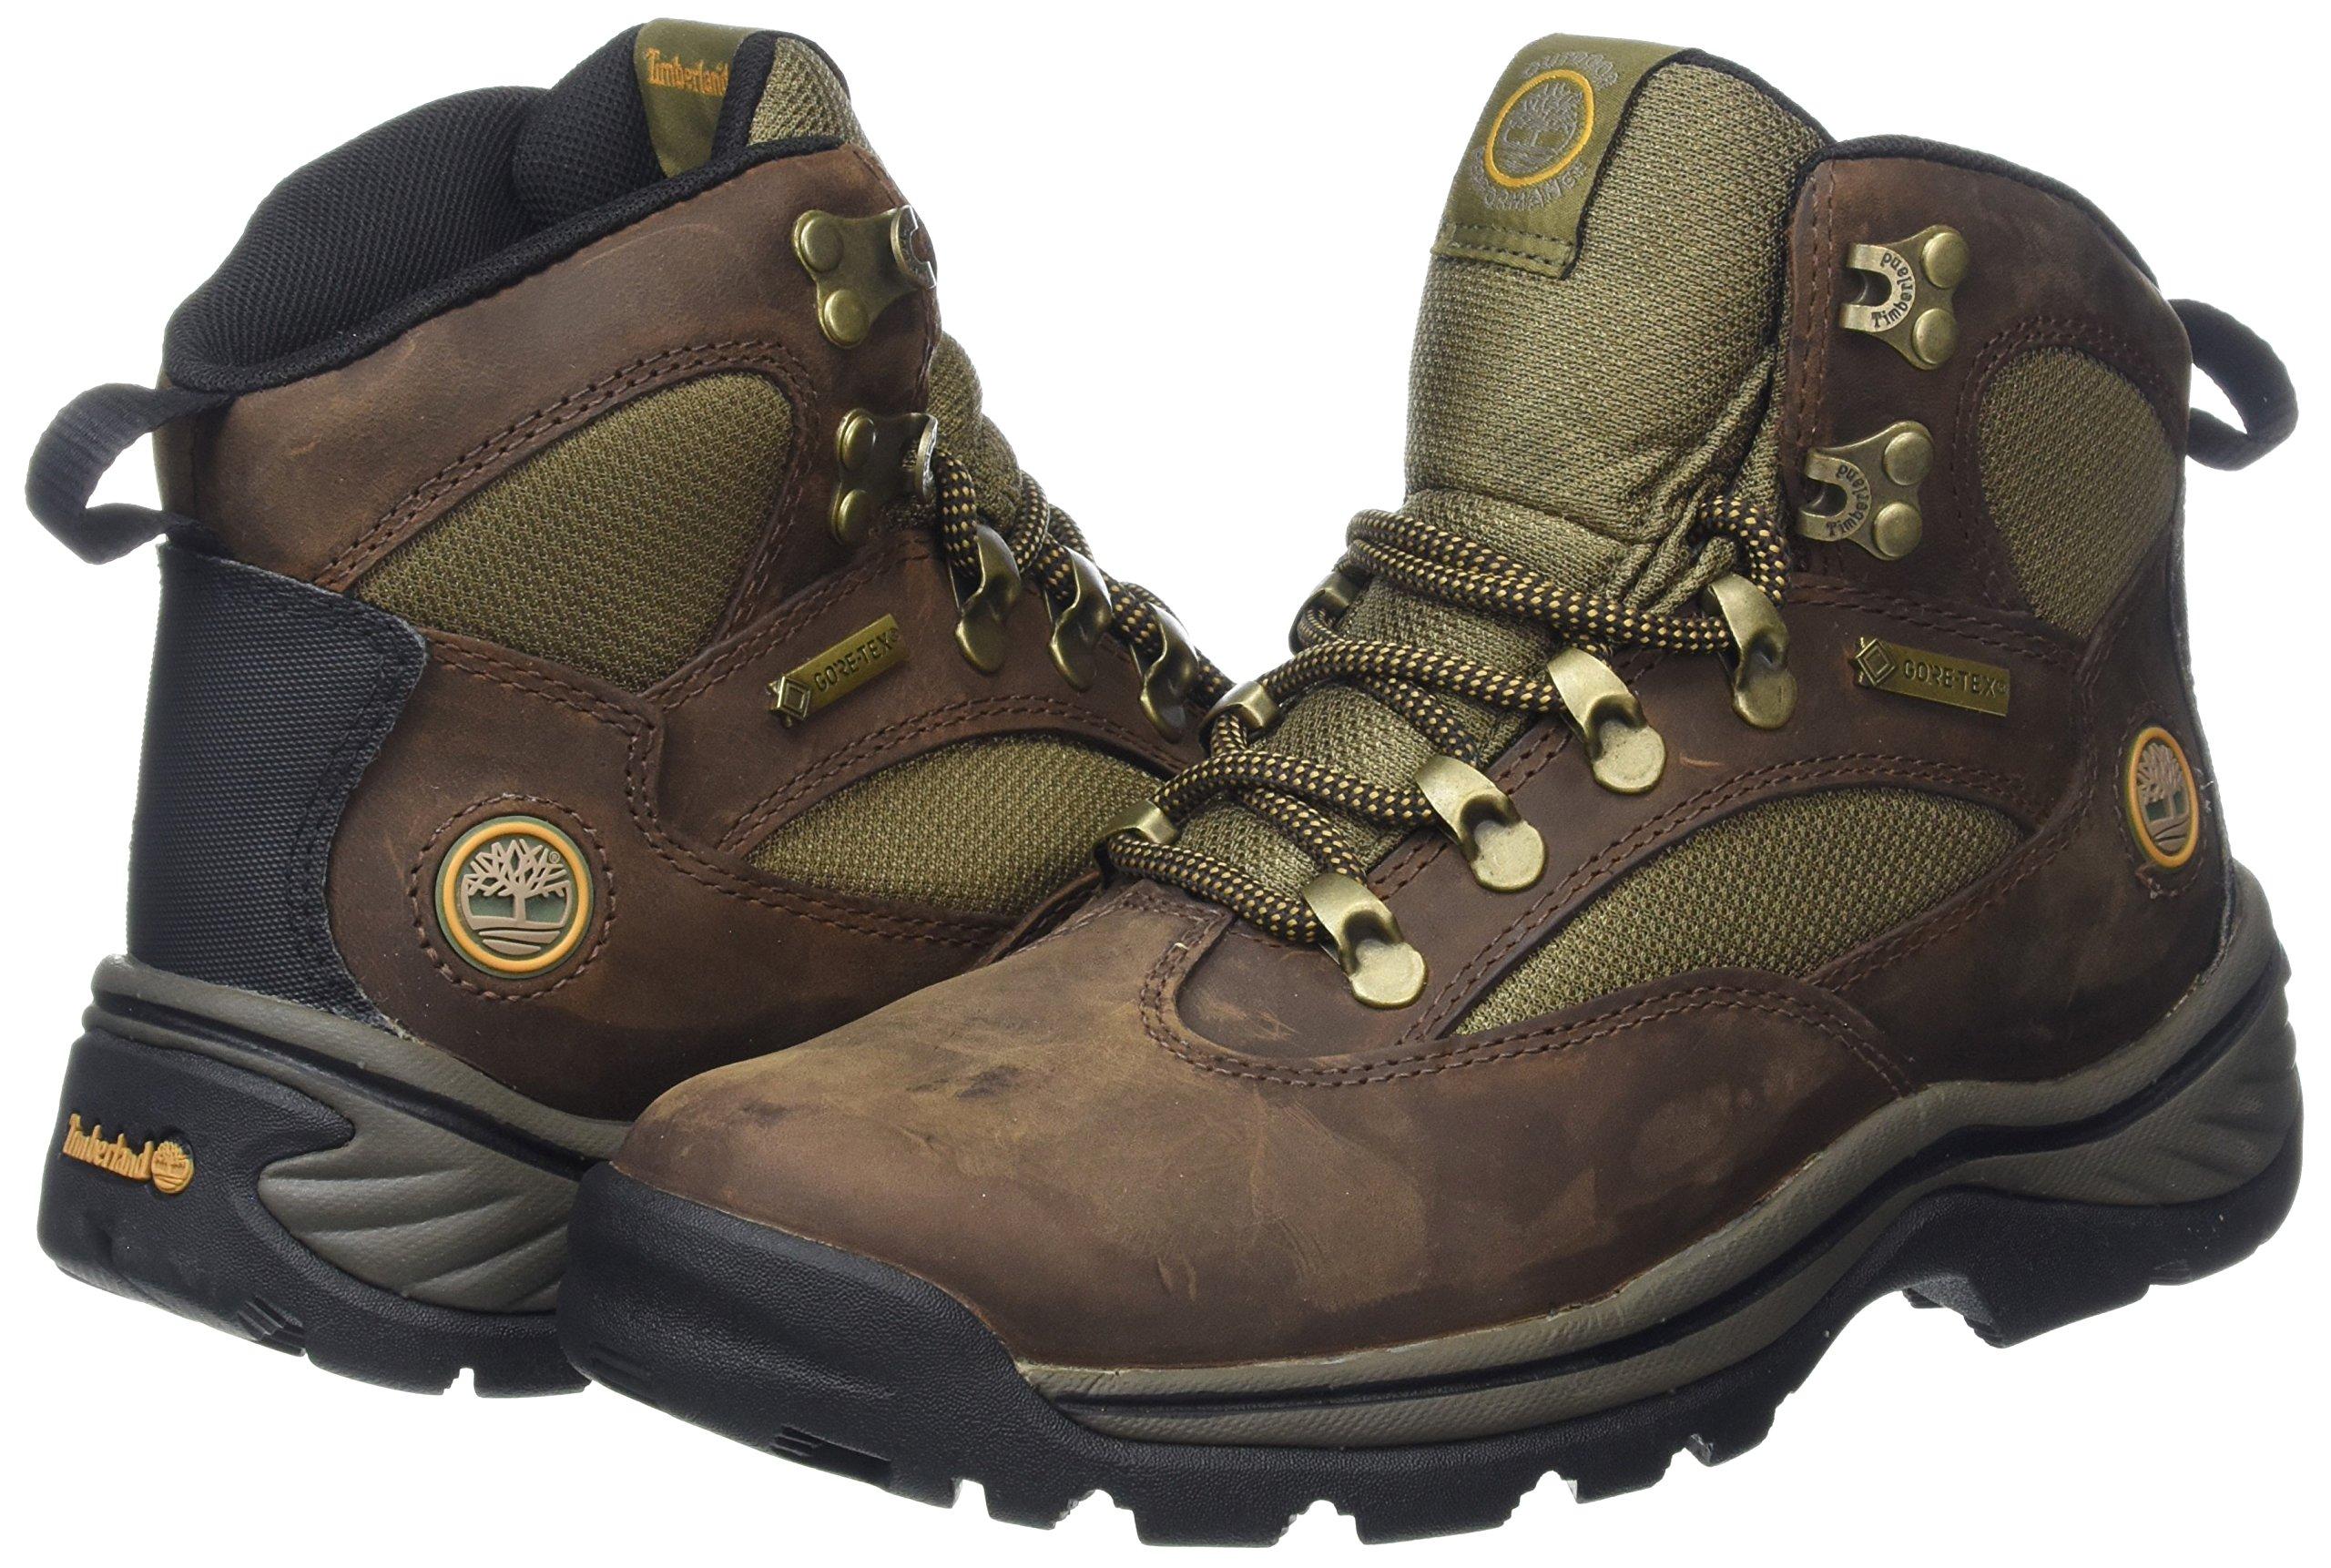 Timberland Women's Chocorua Trail Boot,Brown,8 M by Timberland (Image #5)